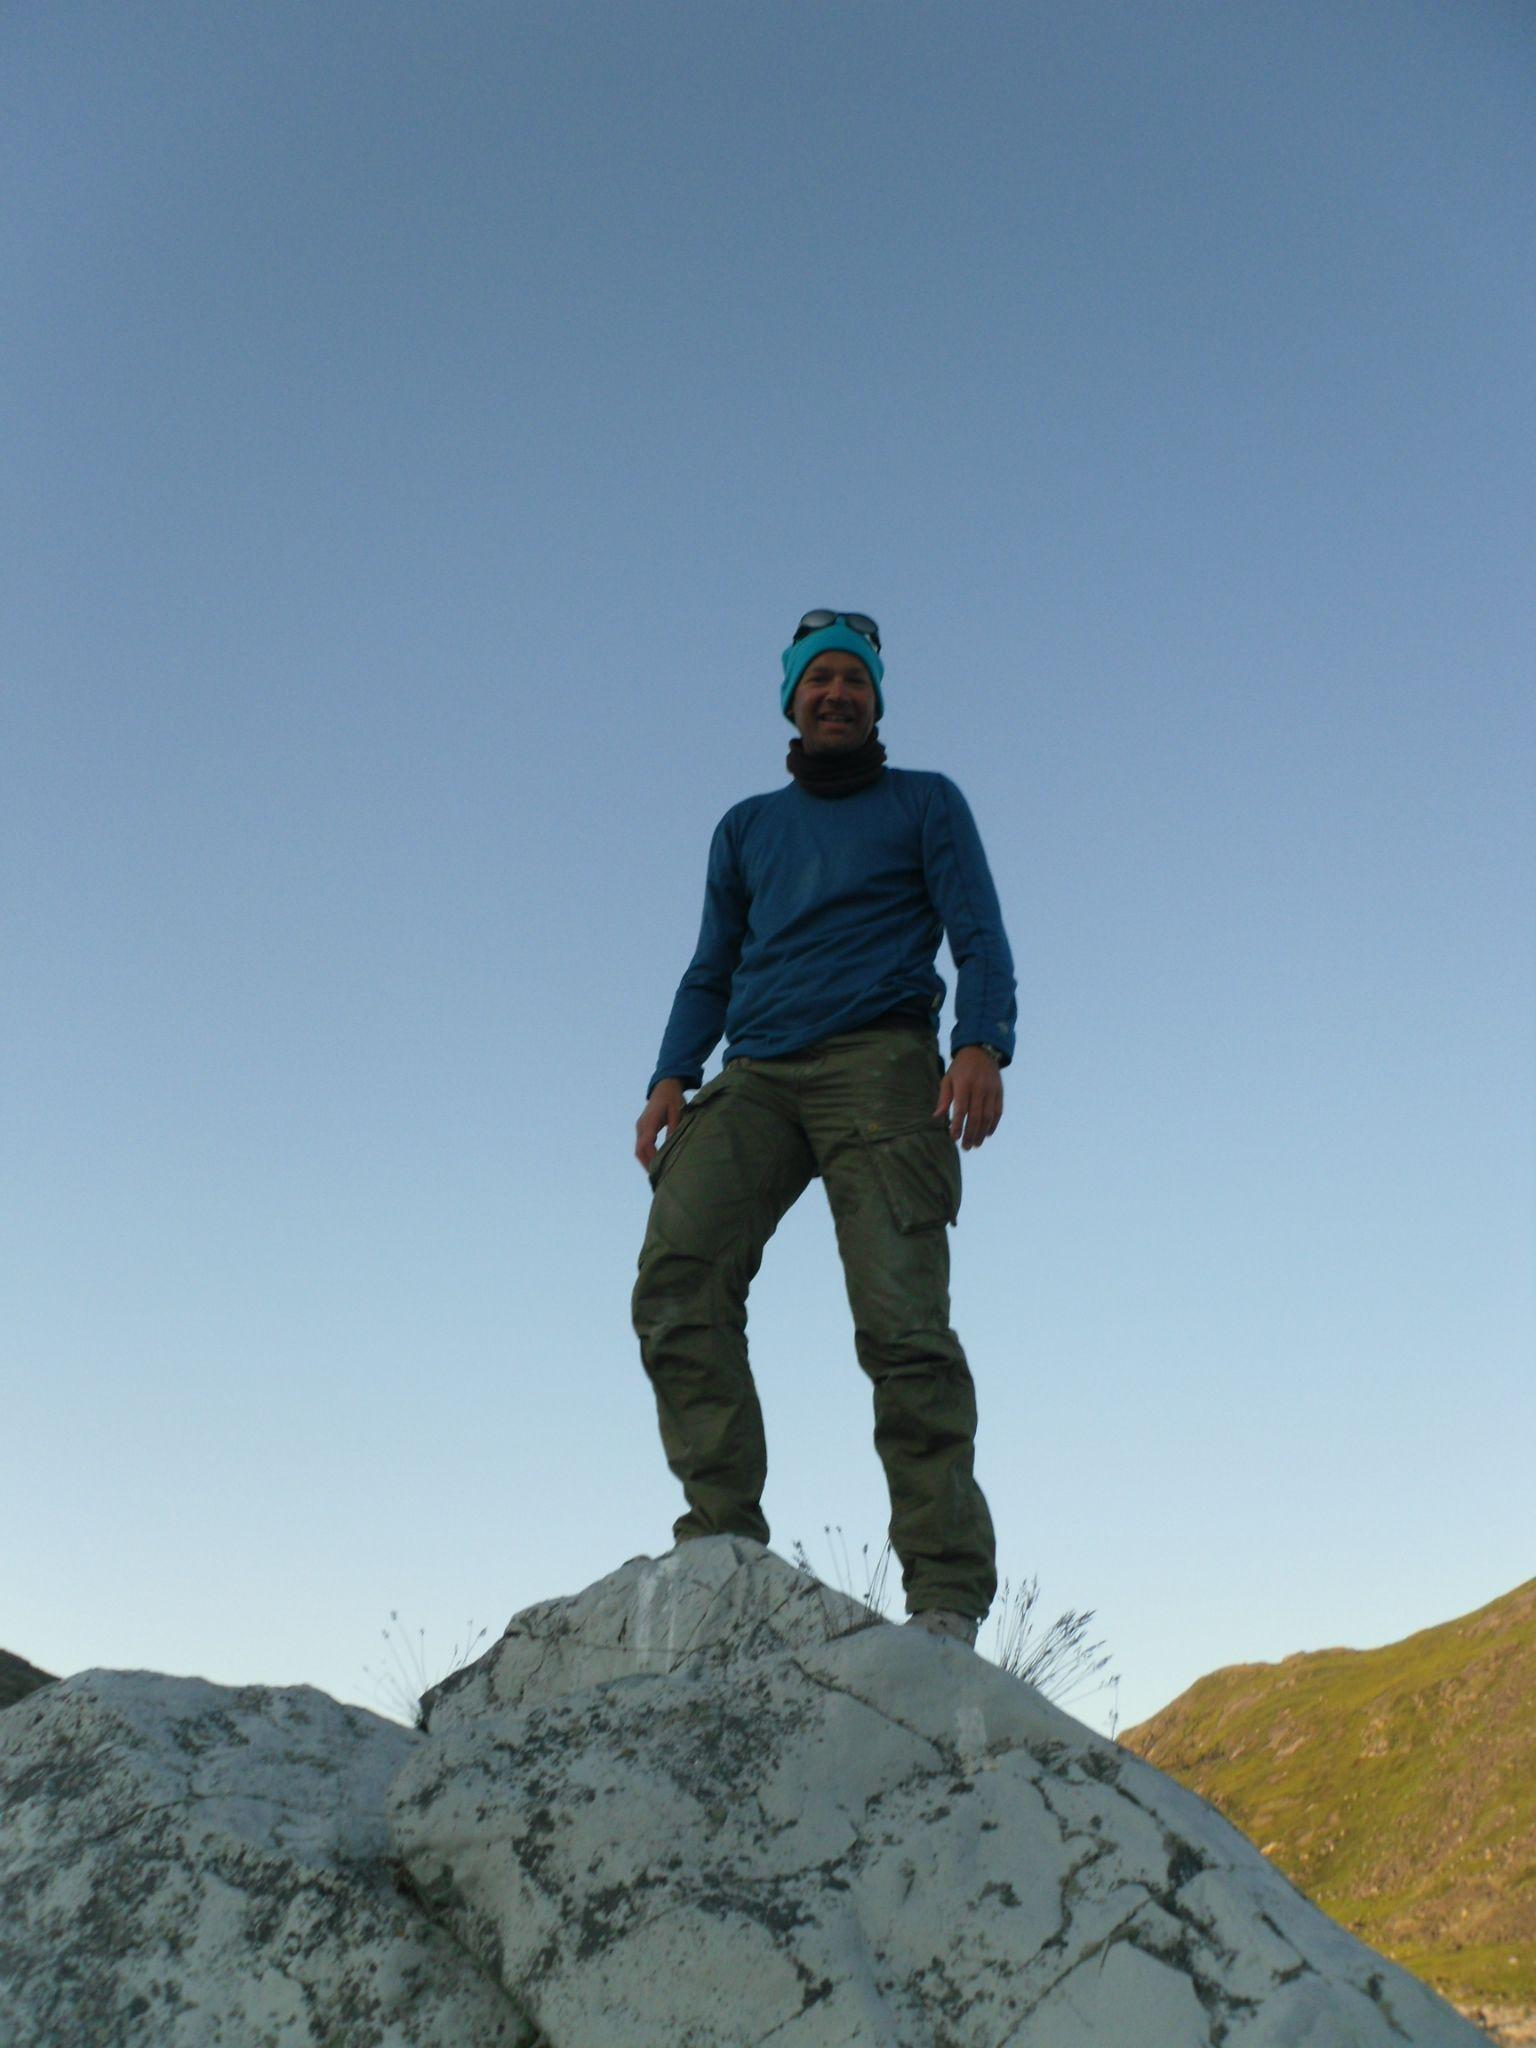 Torben Benoni on a large rock near the waterfall